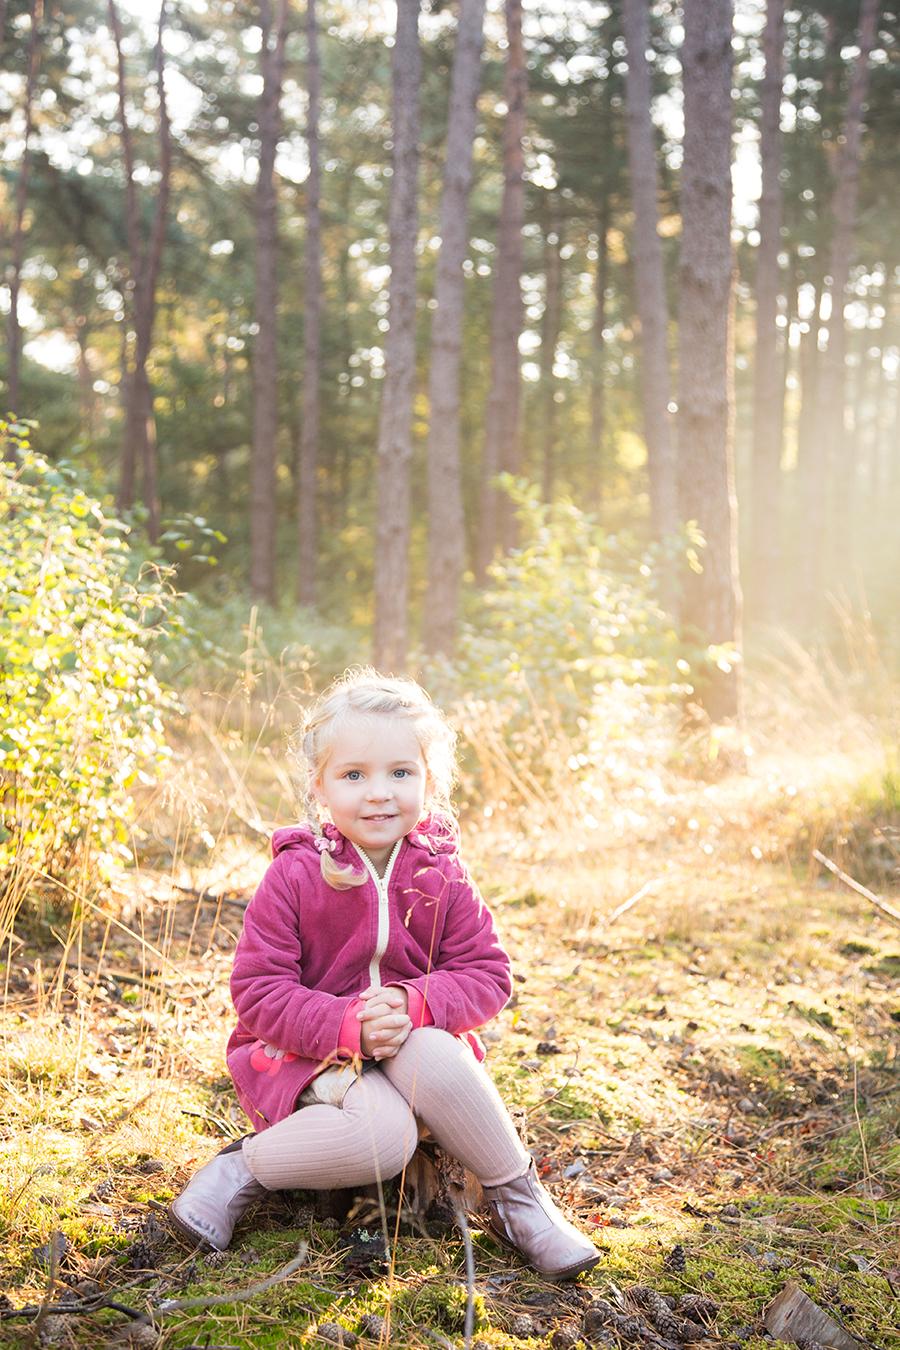 kinderfotografie op locatie